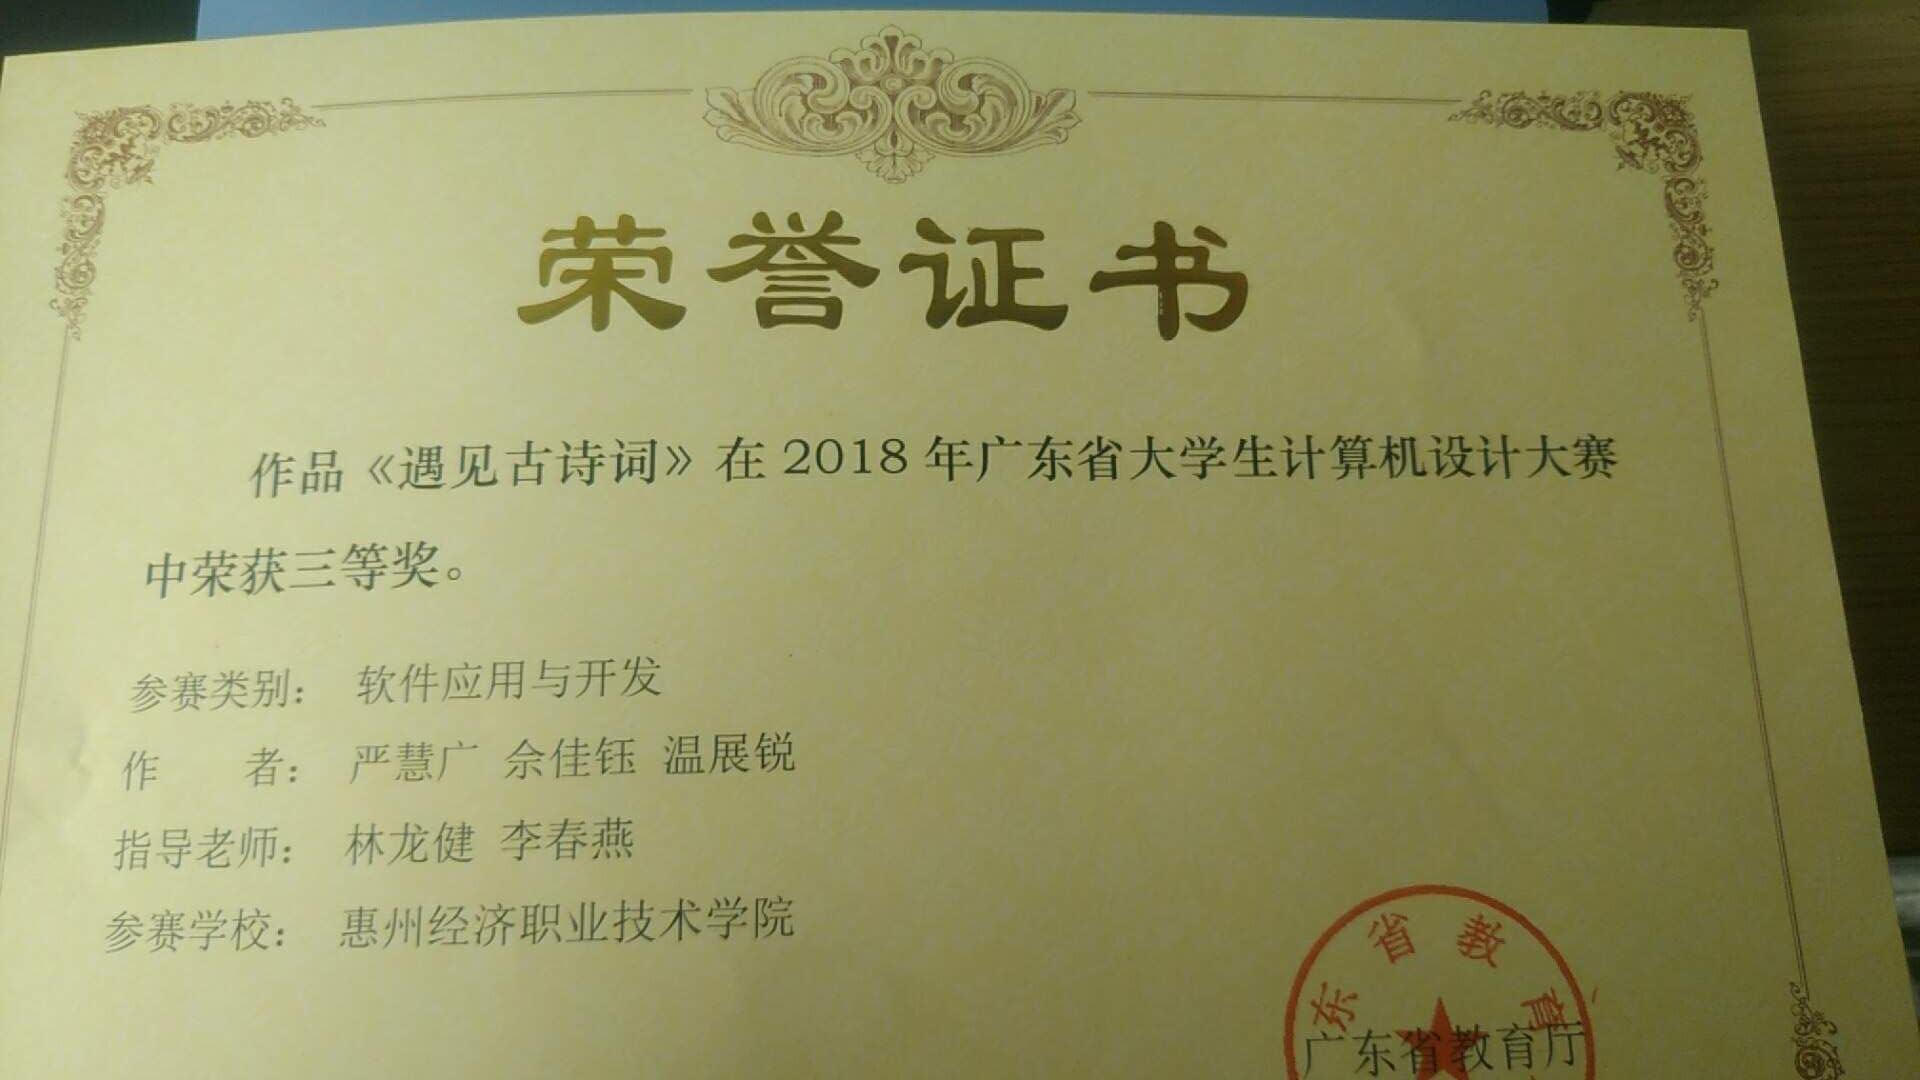 祝贺我部李春燕老师发挥专业特长指导学生